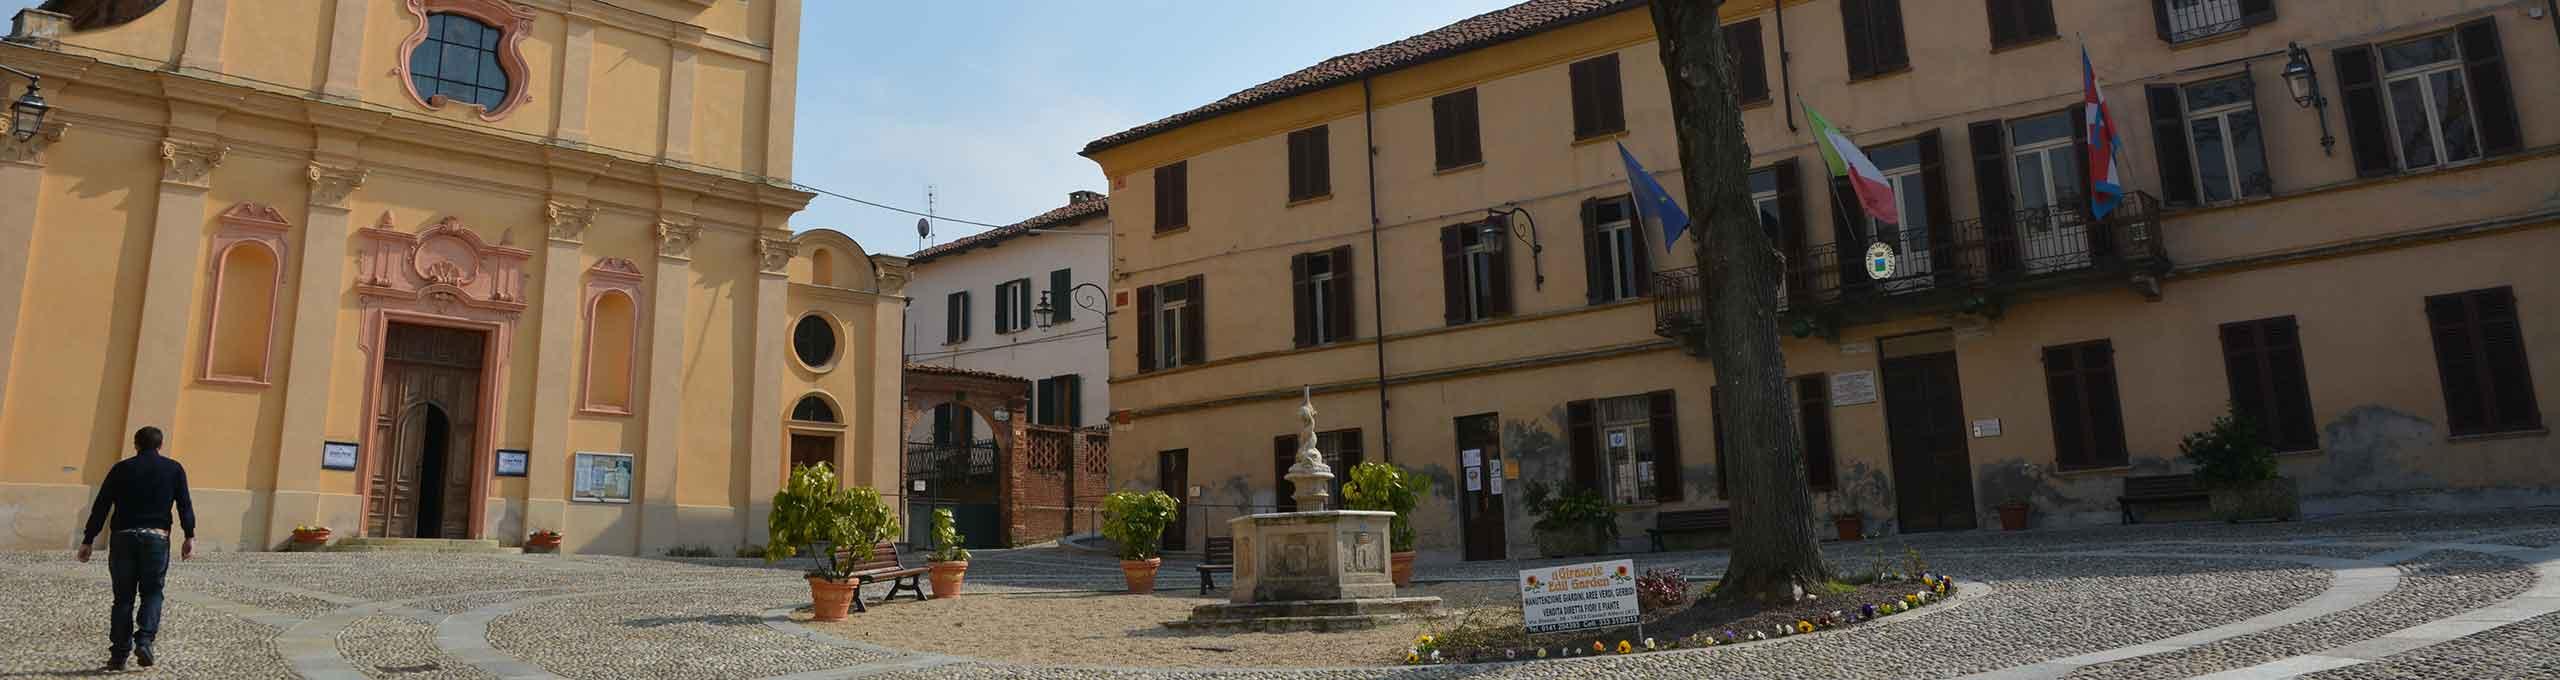 Portacomaro, Monferrato Astigiano